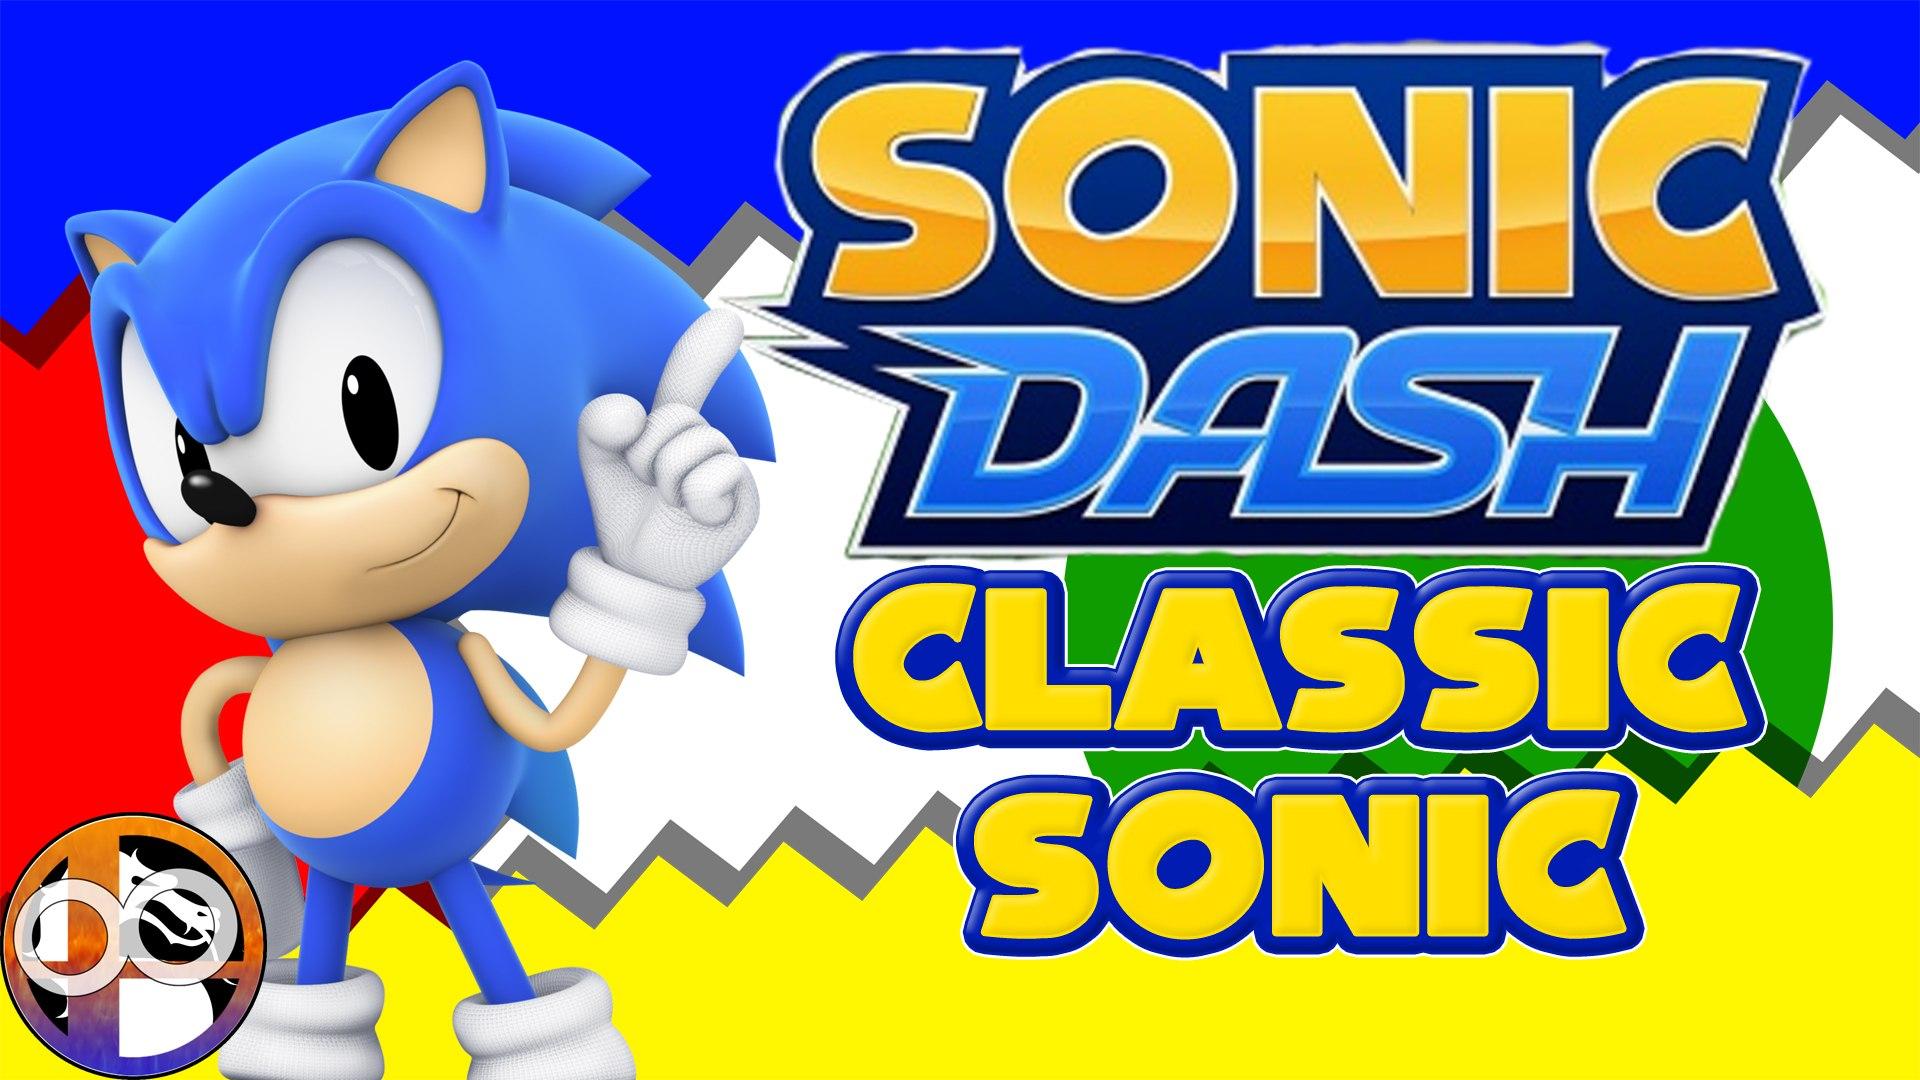 Sonic Dash Classic Sonic Gameplay Video Dailymotion